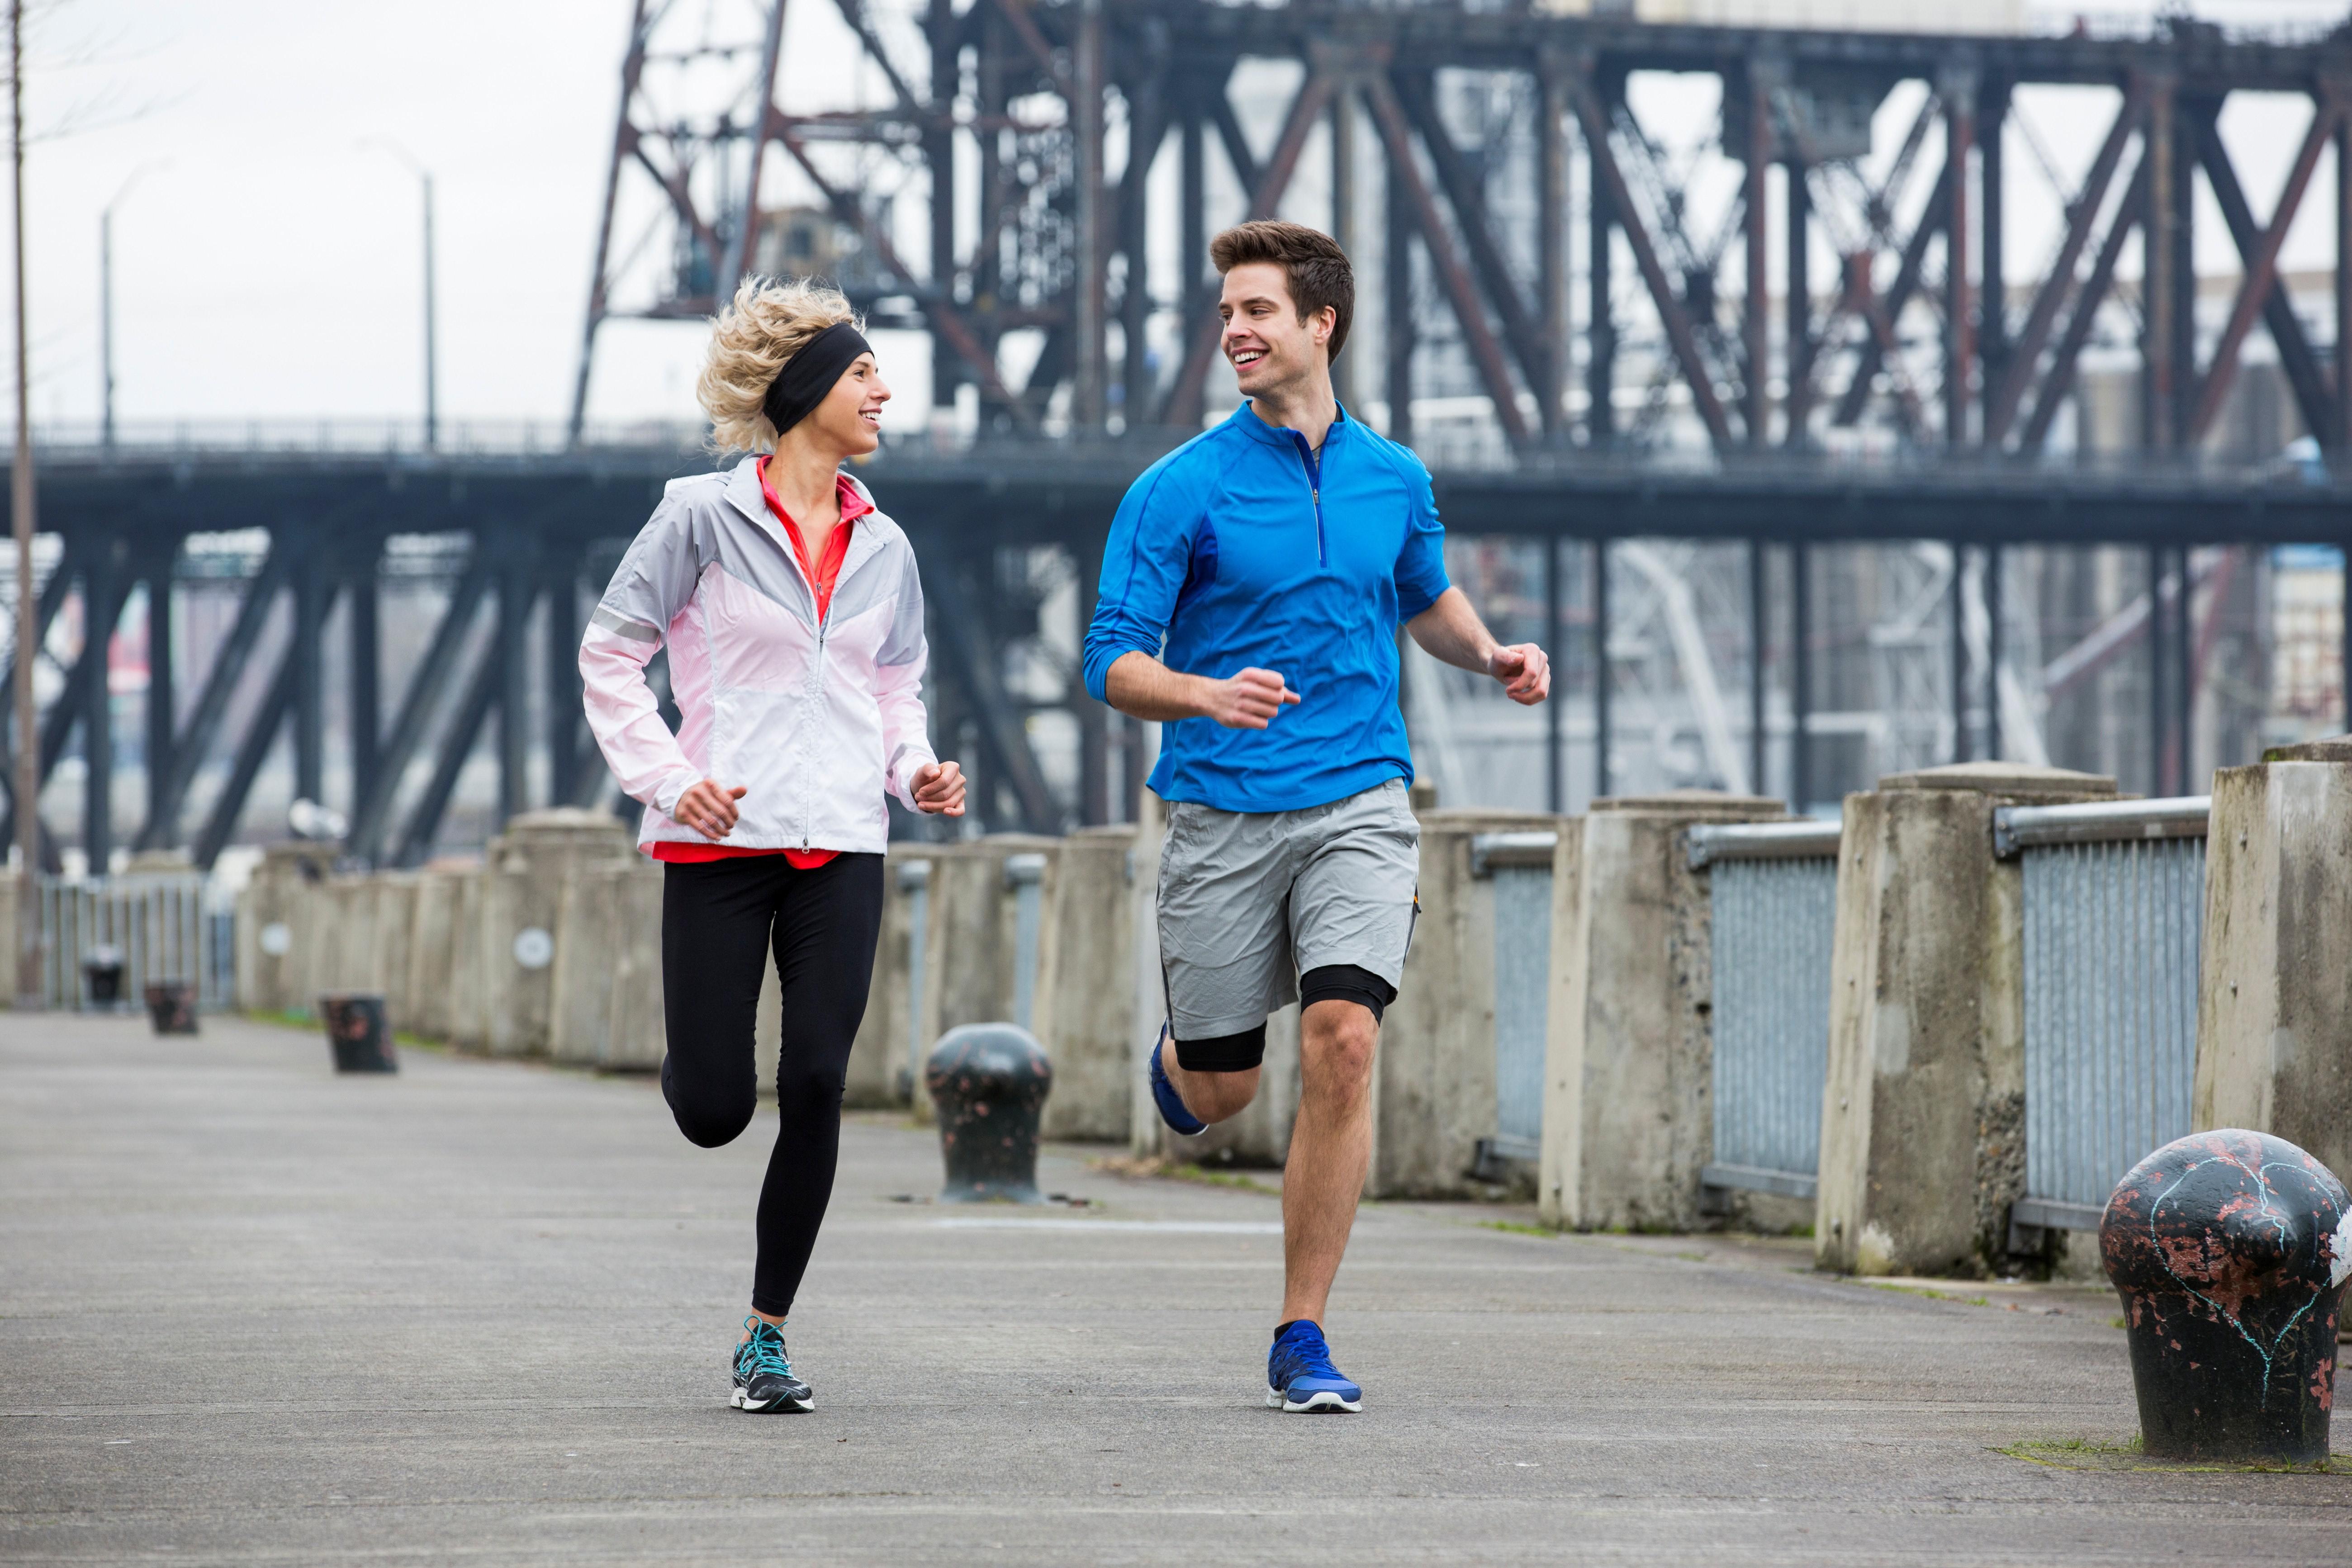 Lựa chọn môn thể thao nào để giảm mỡ bụng cho nam hiệu quả? 2